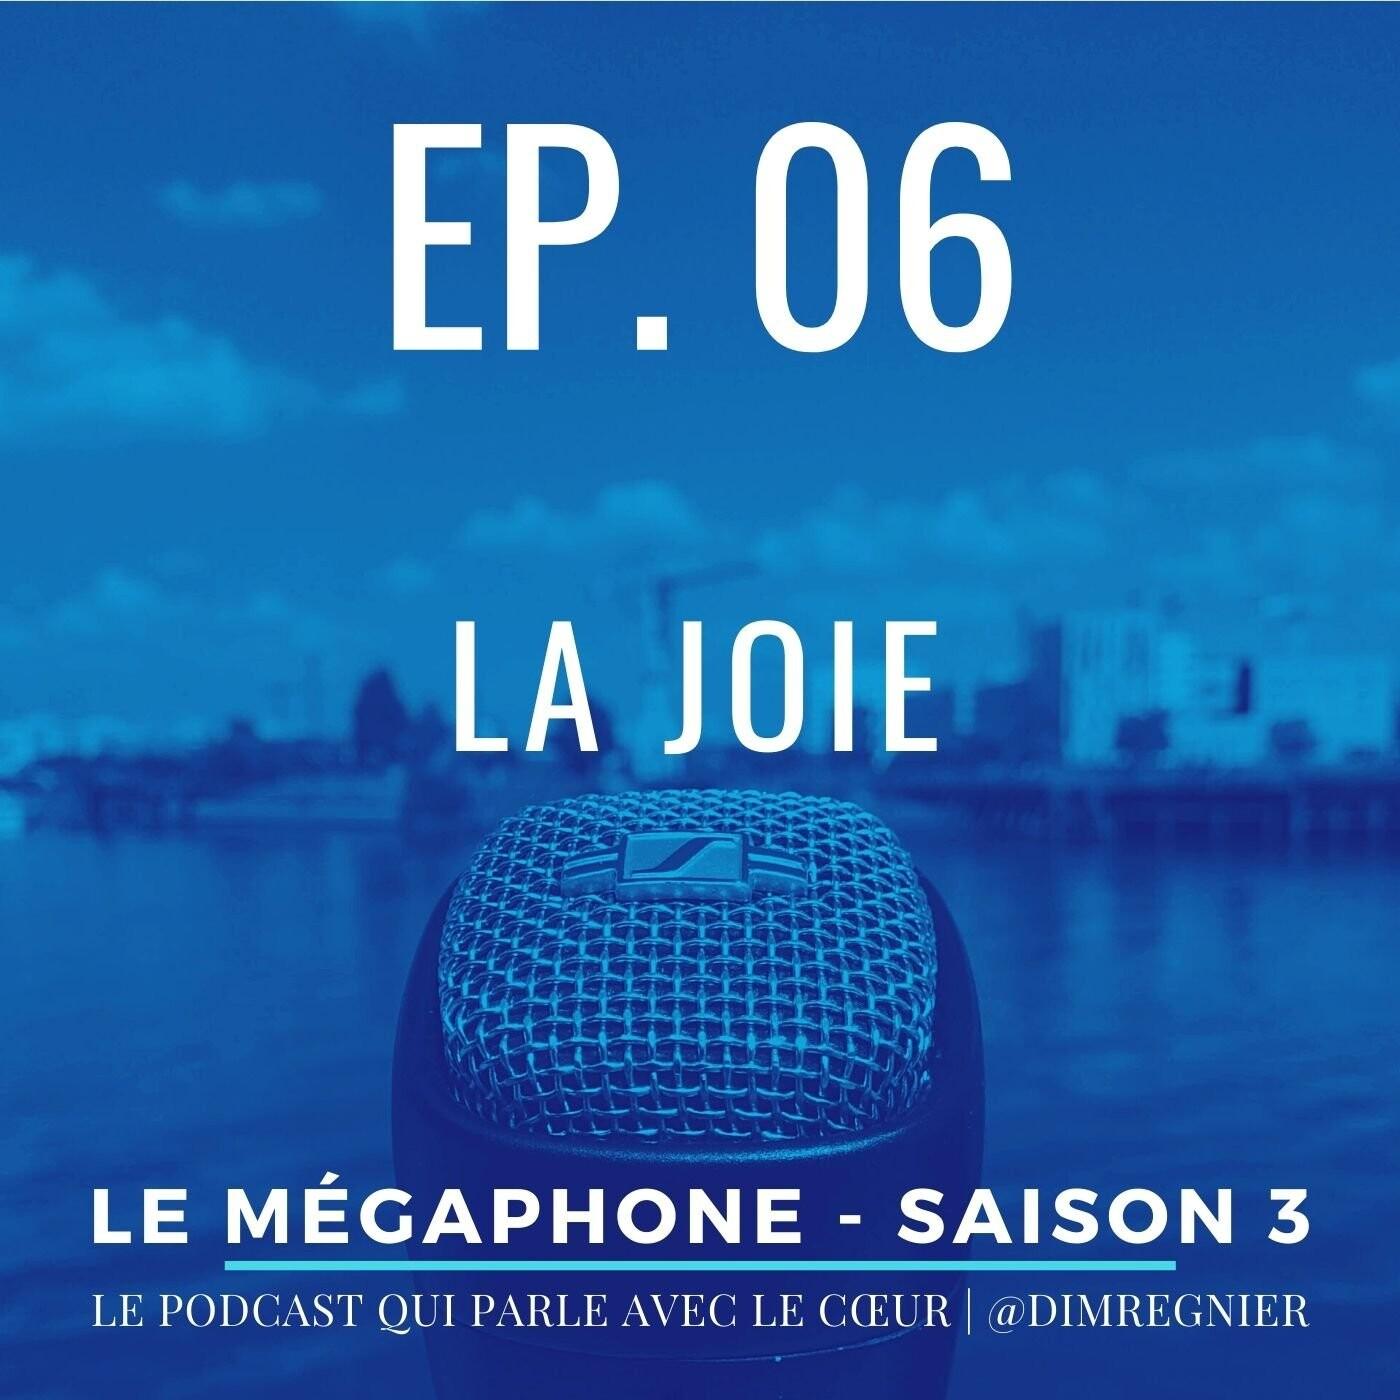 Ép. 06 - La joie